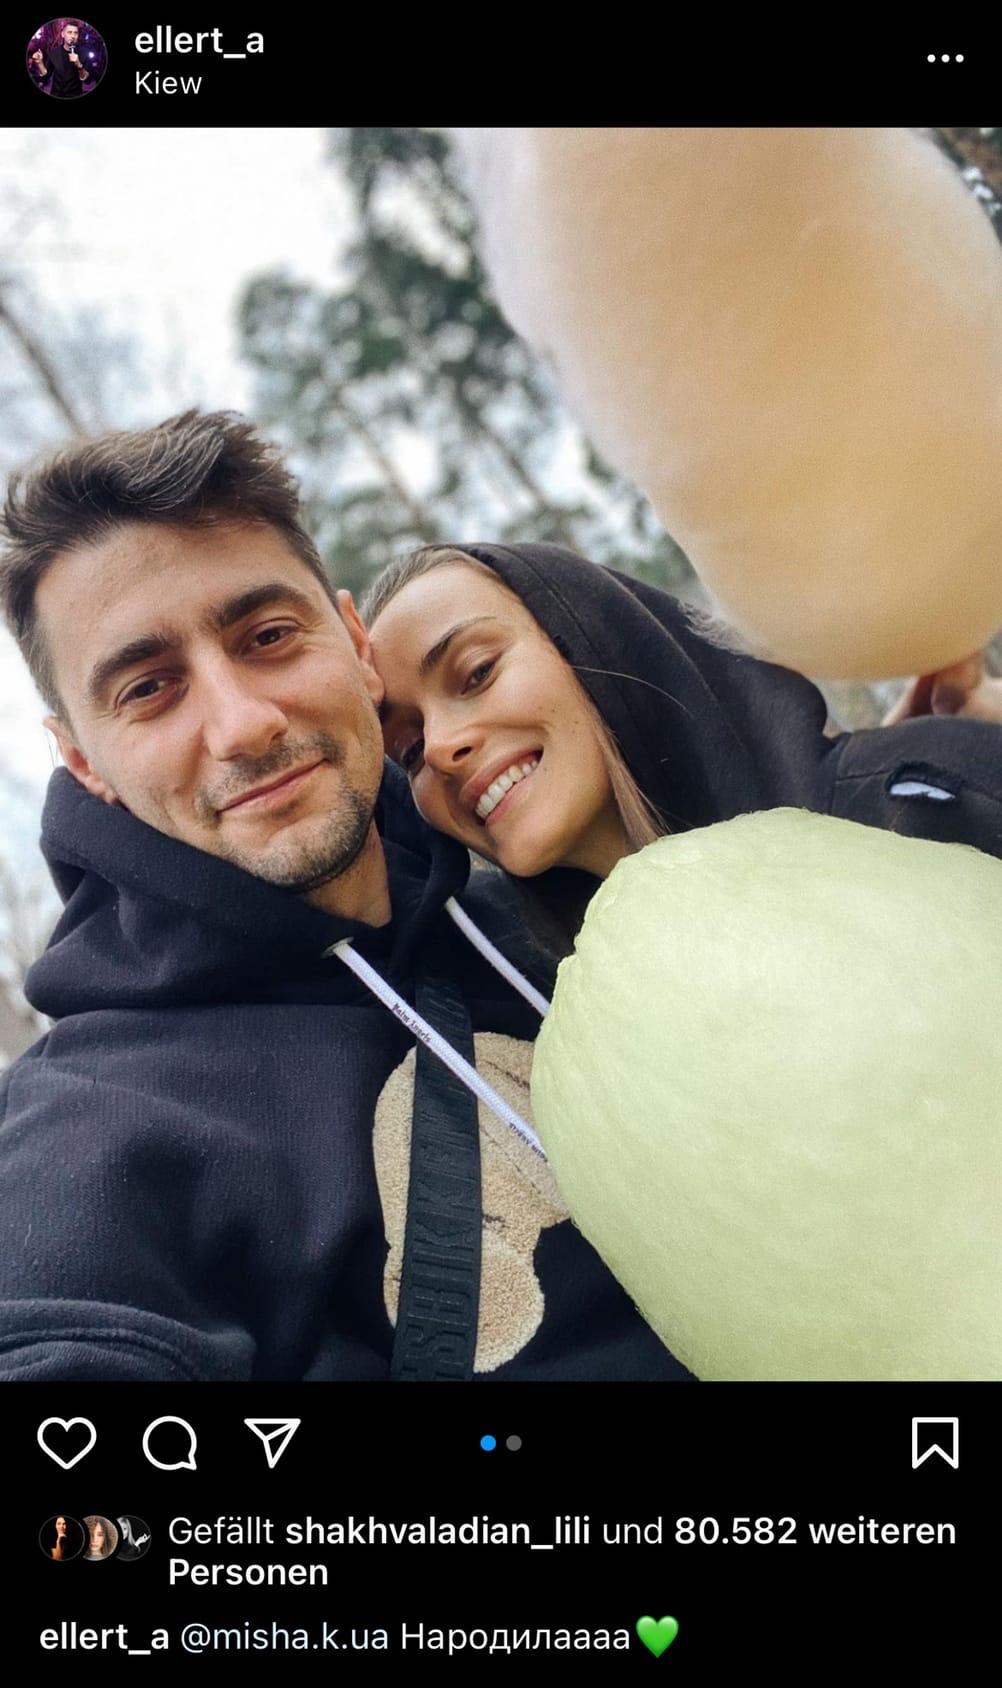 Ksenia Mishina - Sasha Ellert - Bachelorette Ukraine -  Season 1 - Discussion  - Page 9 Qk6A18WRvfA